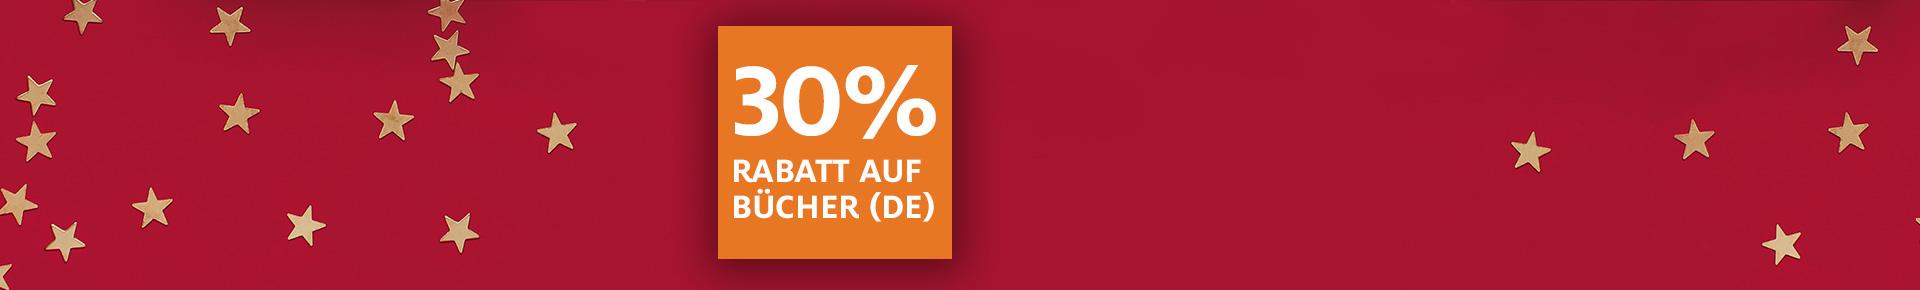 2. Adventsüberraschung: 30% auf Bücher (DE)